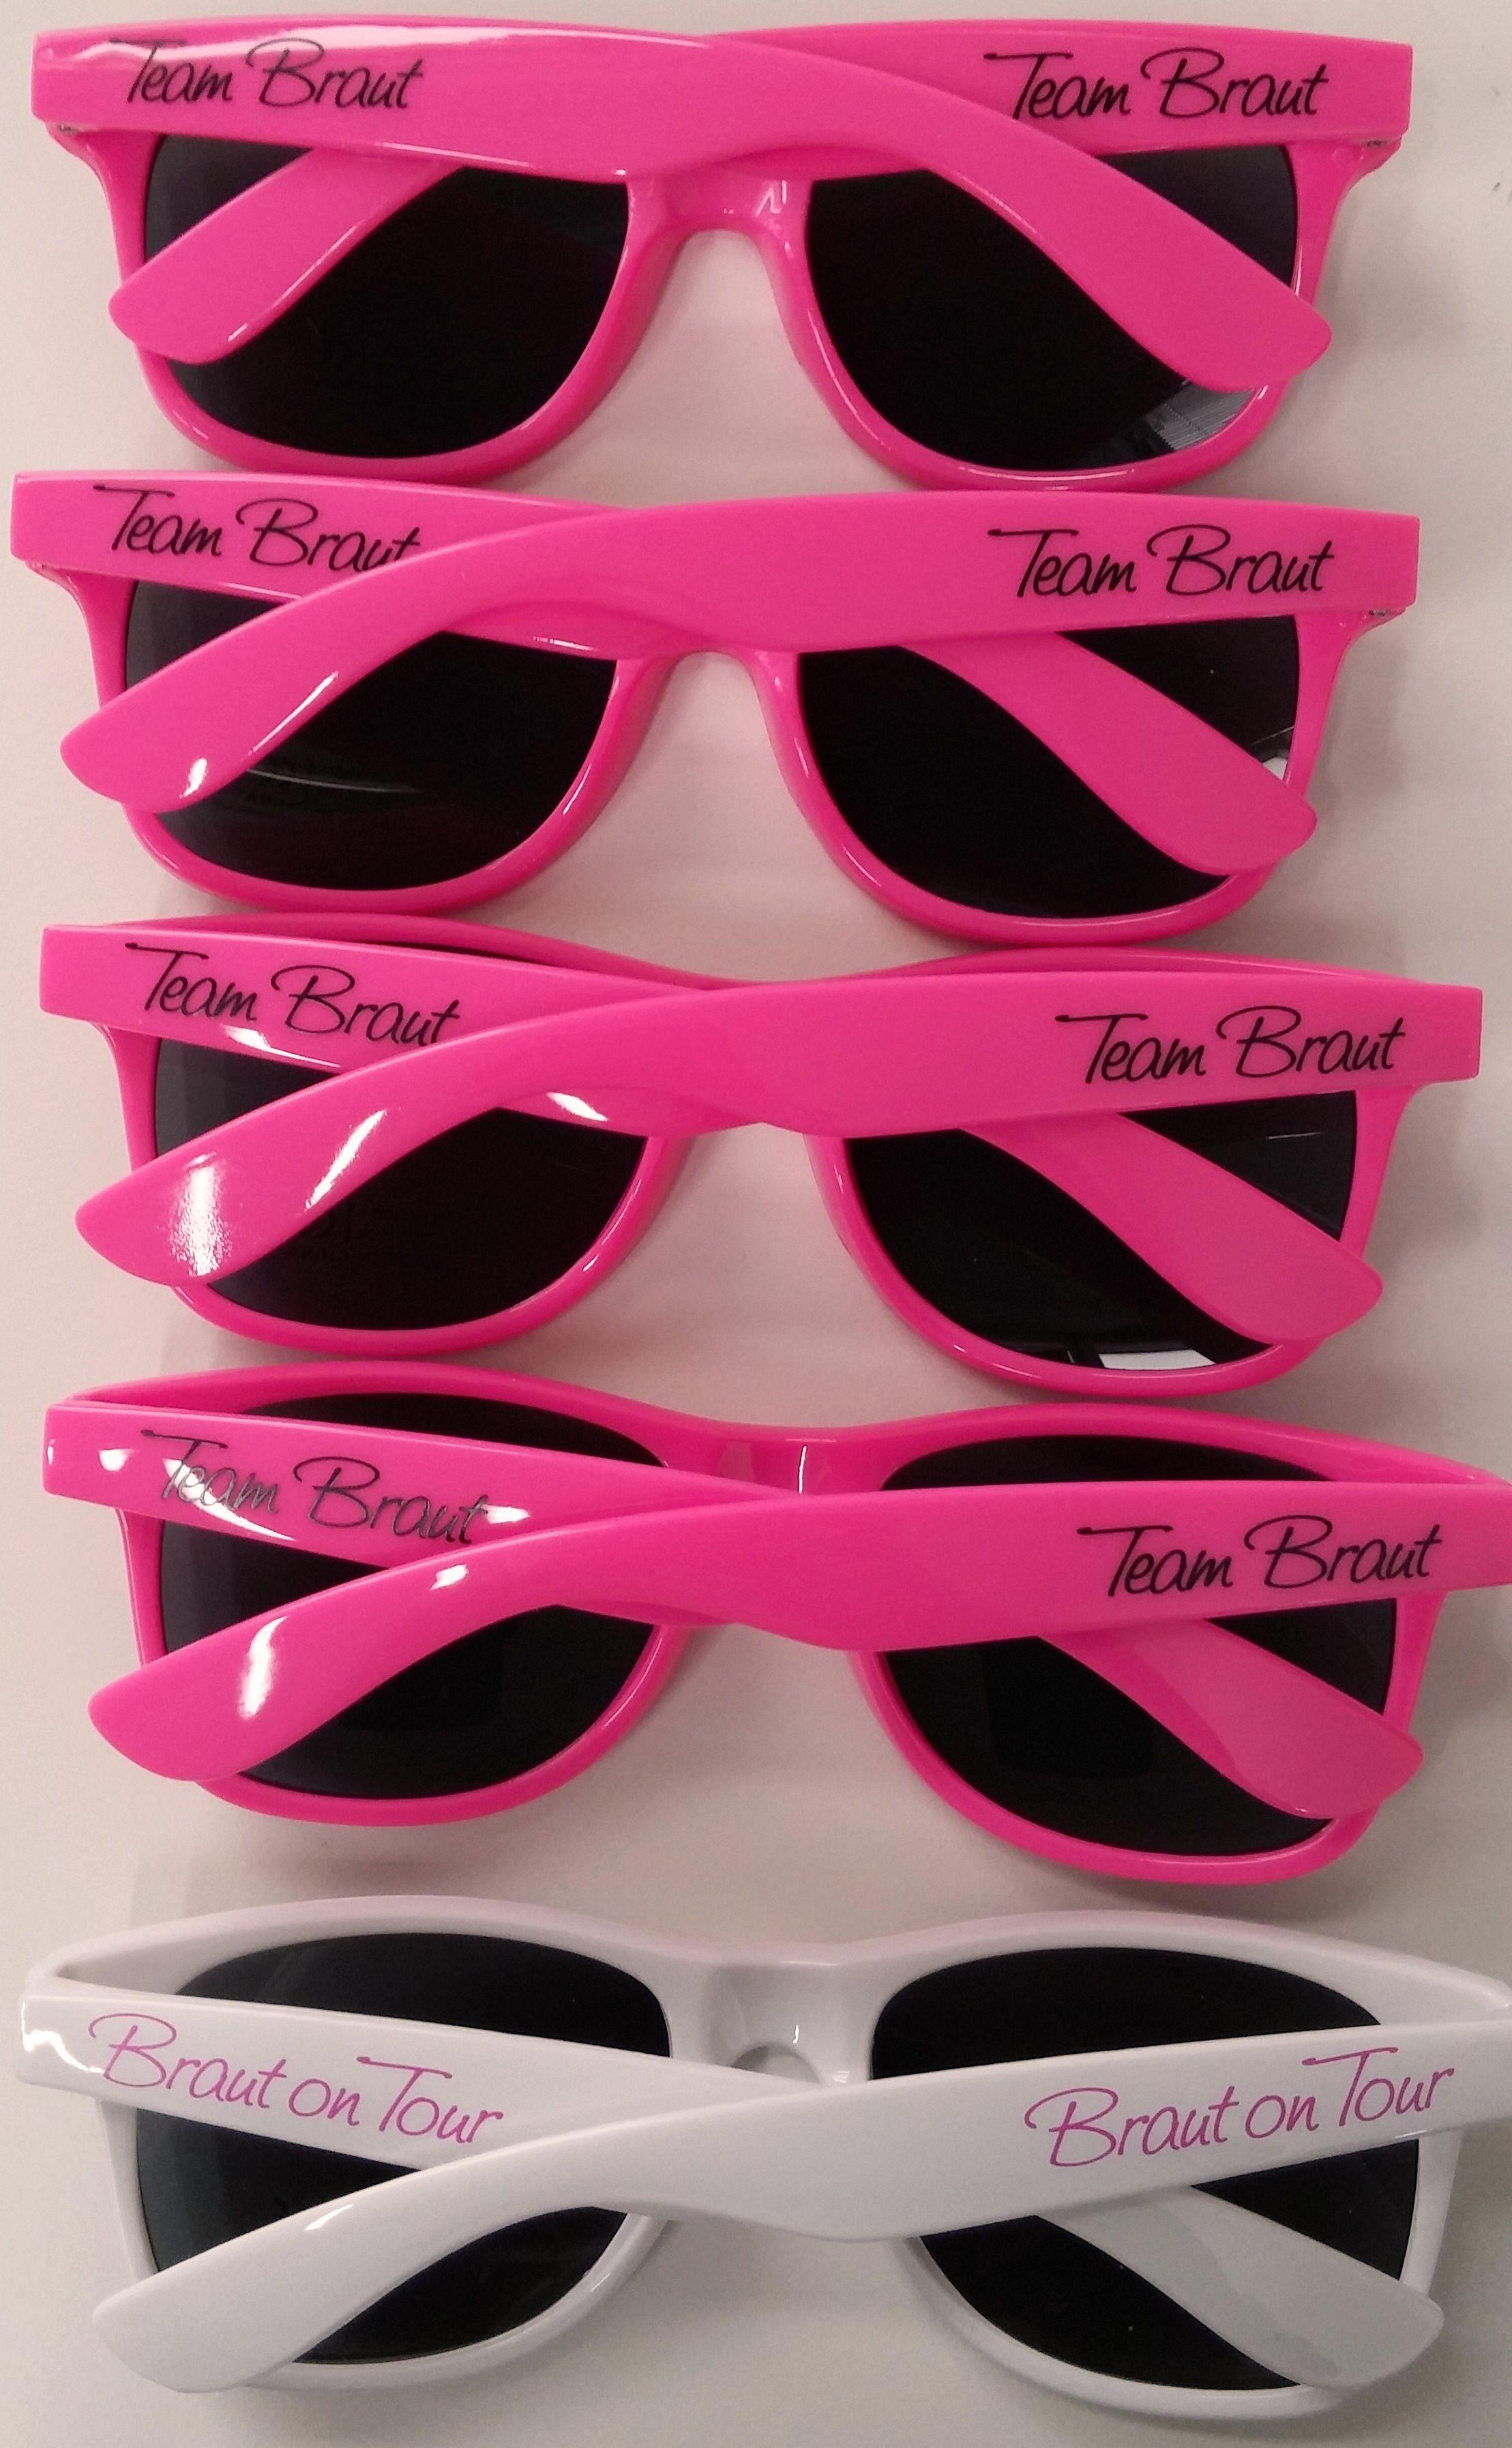 Sonnenbrillen Für Die Braut Und Das Team Braut Sind Eine Tolle Outfit Idee  Für Den